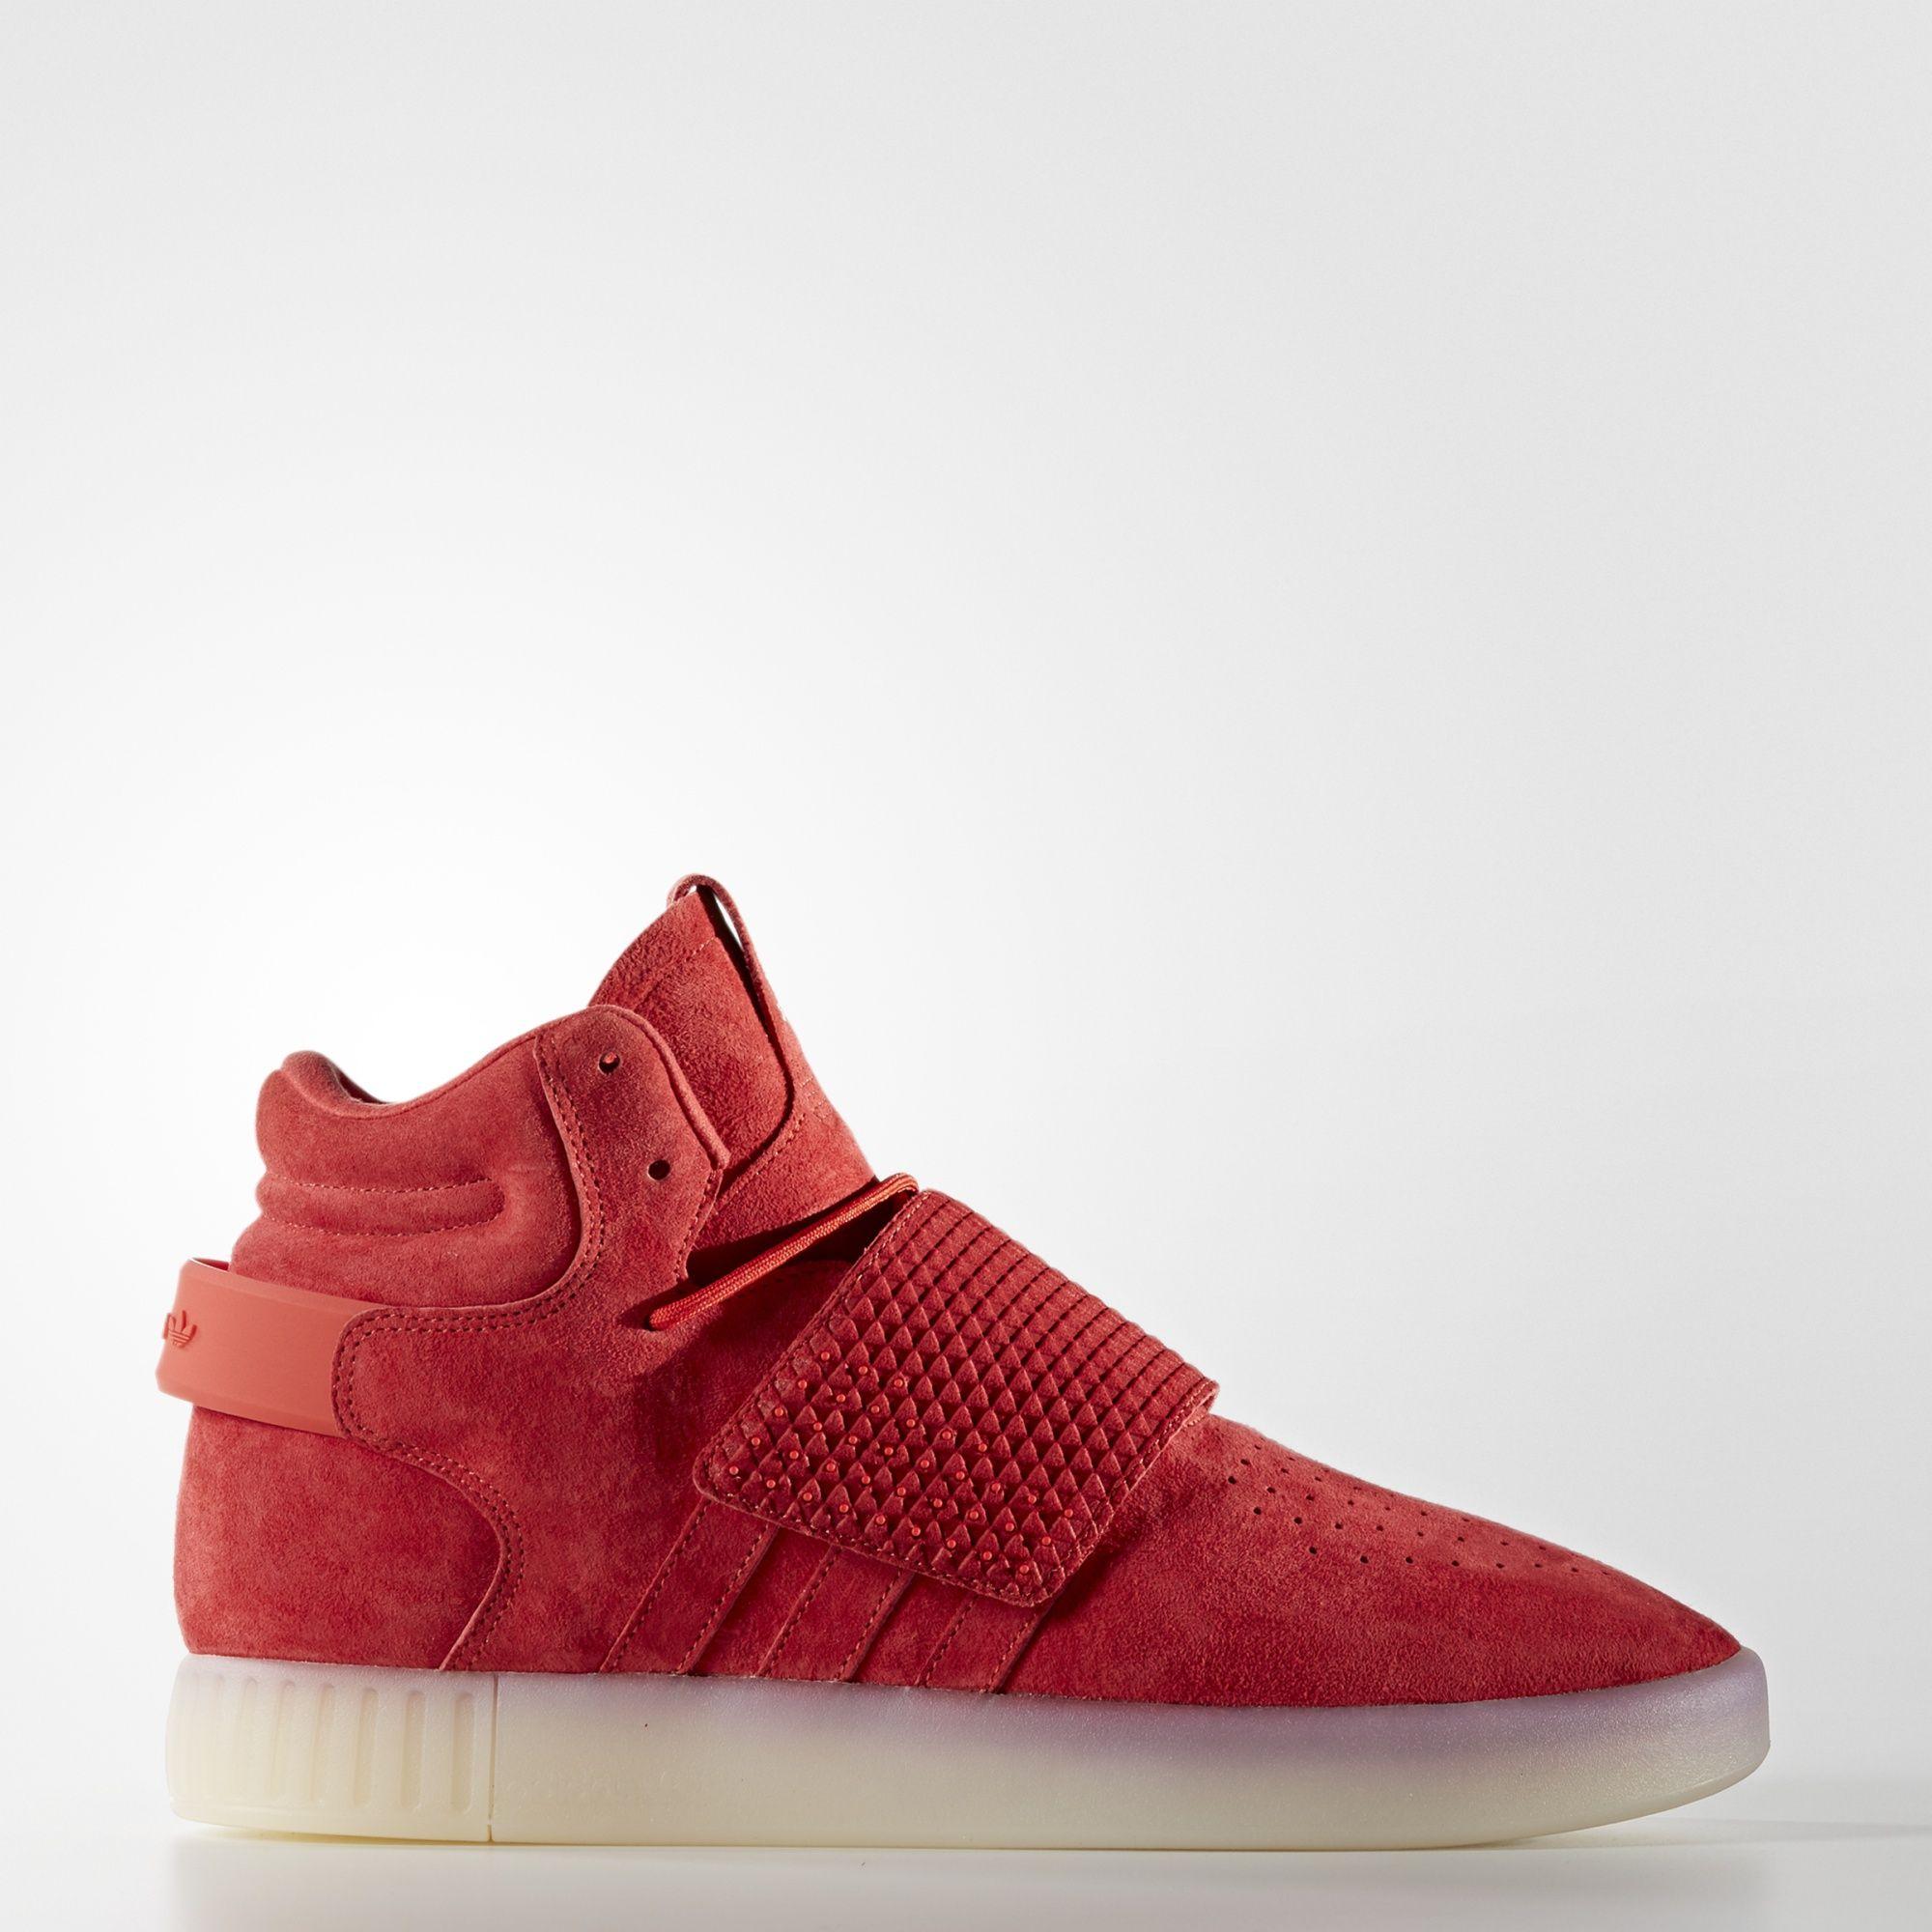 Adidas zapatos hombre  invasor y tubular alta tops Adidas y invasor correa 2e03c5